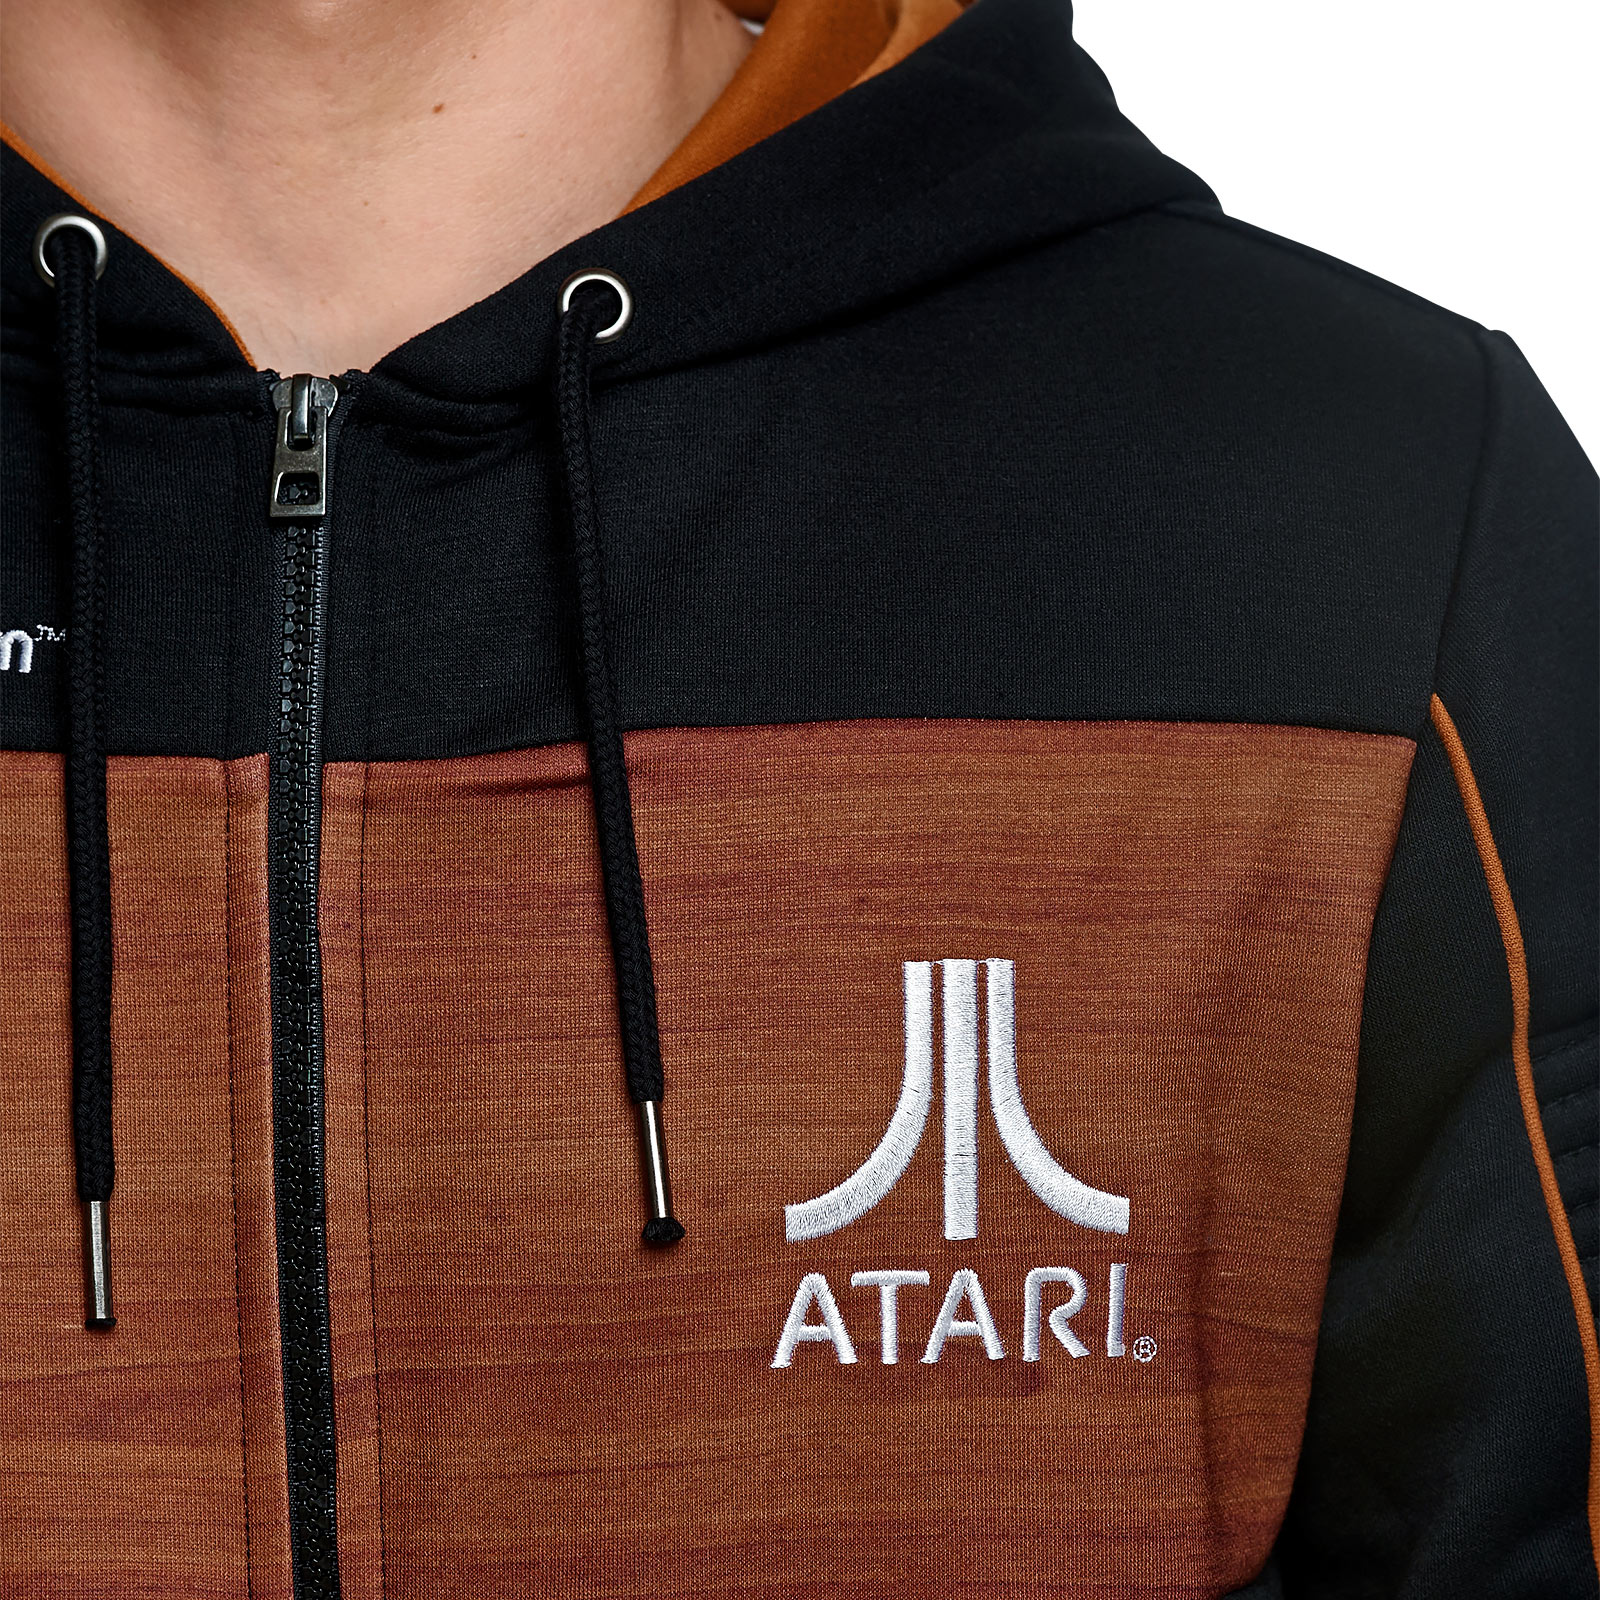 Atari - 2600 Kapuzenjacke schwarz